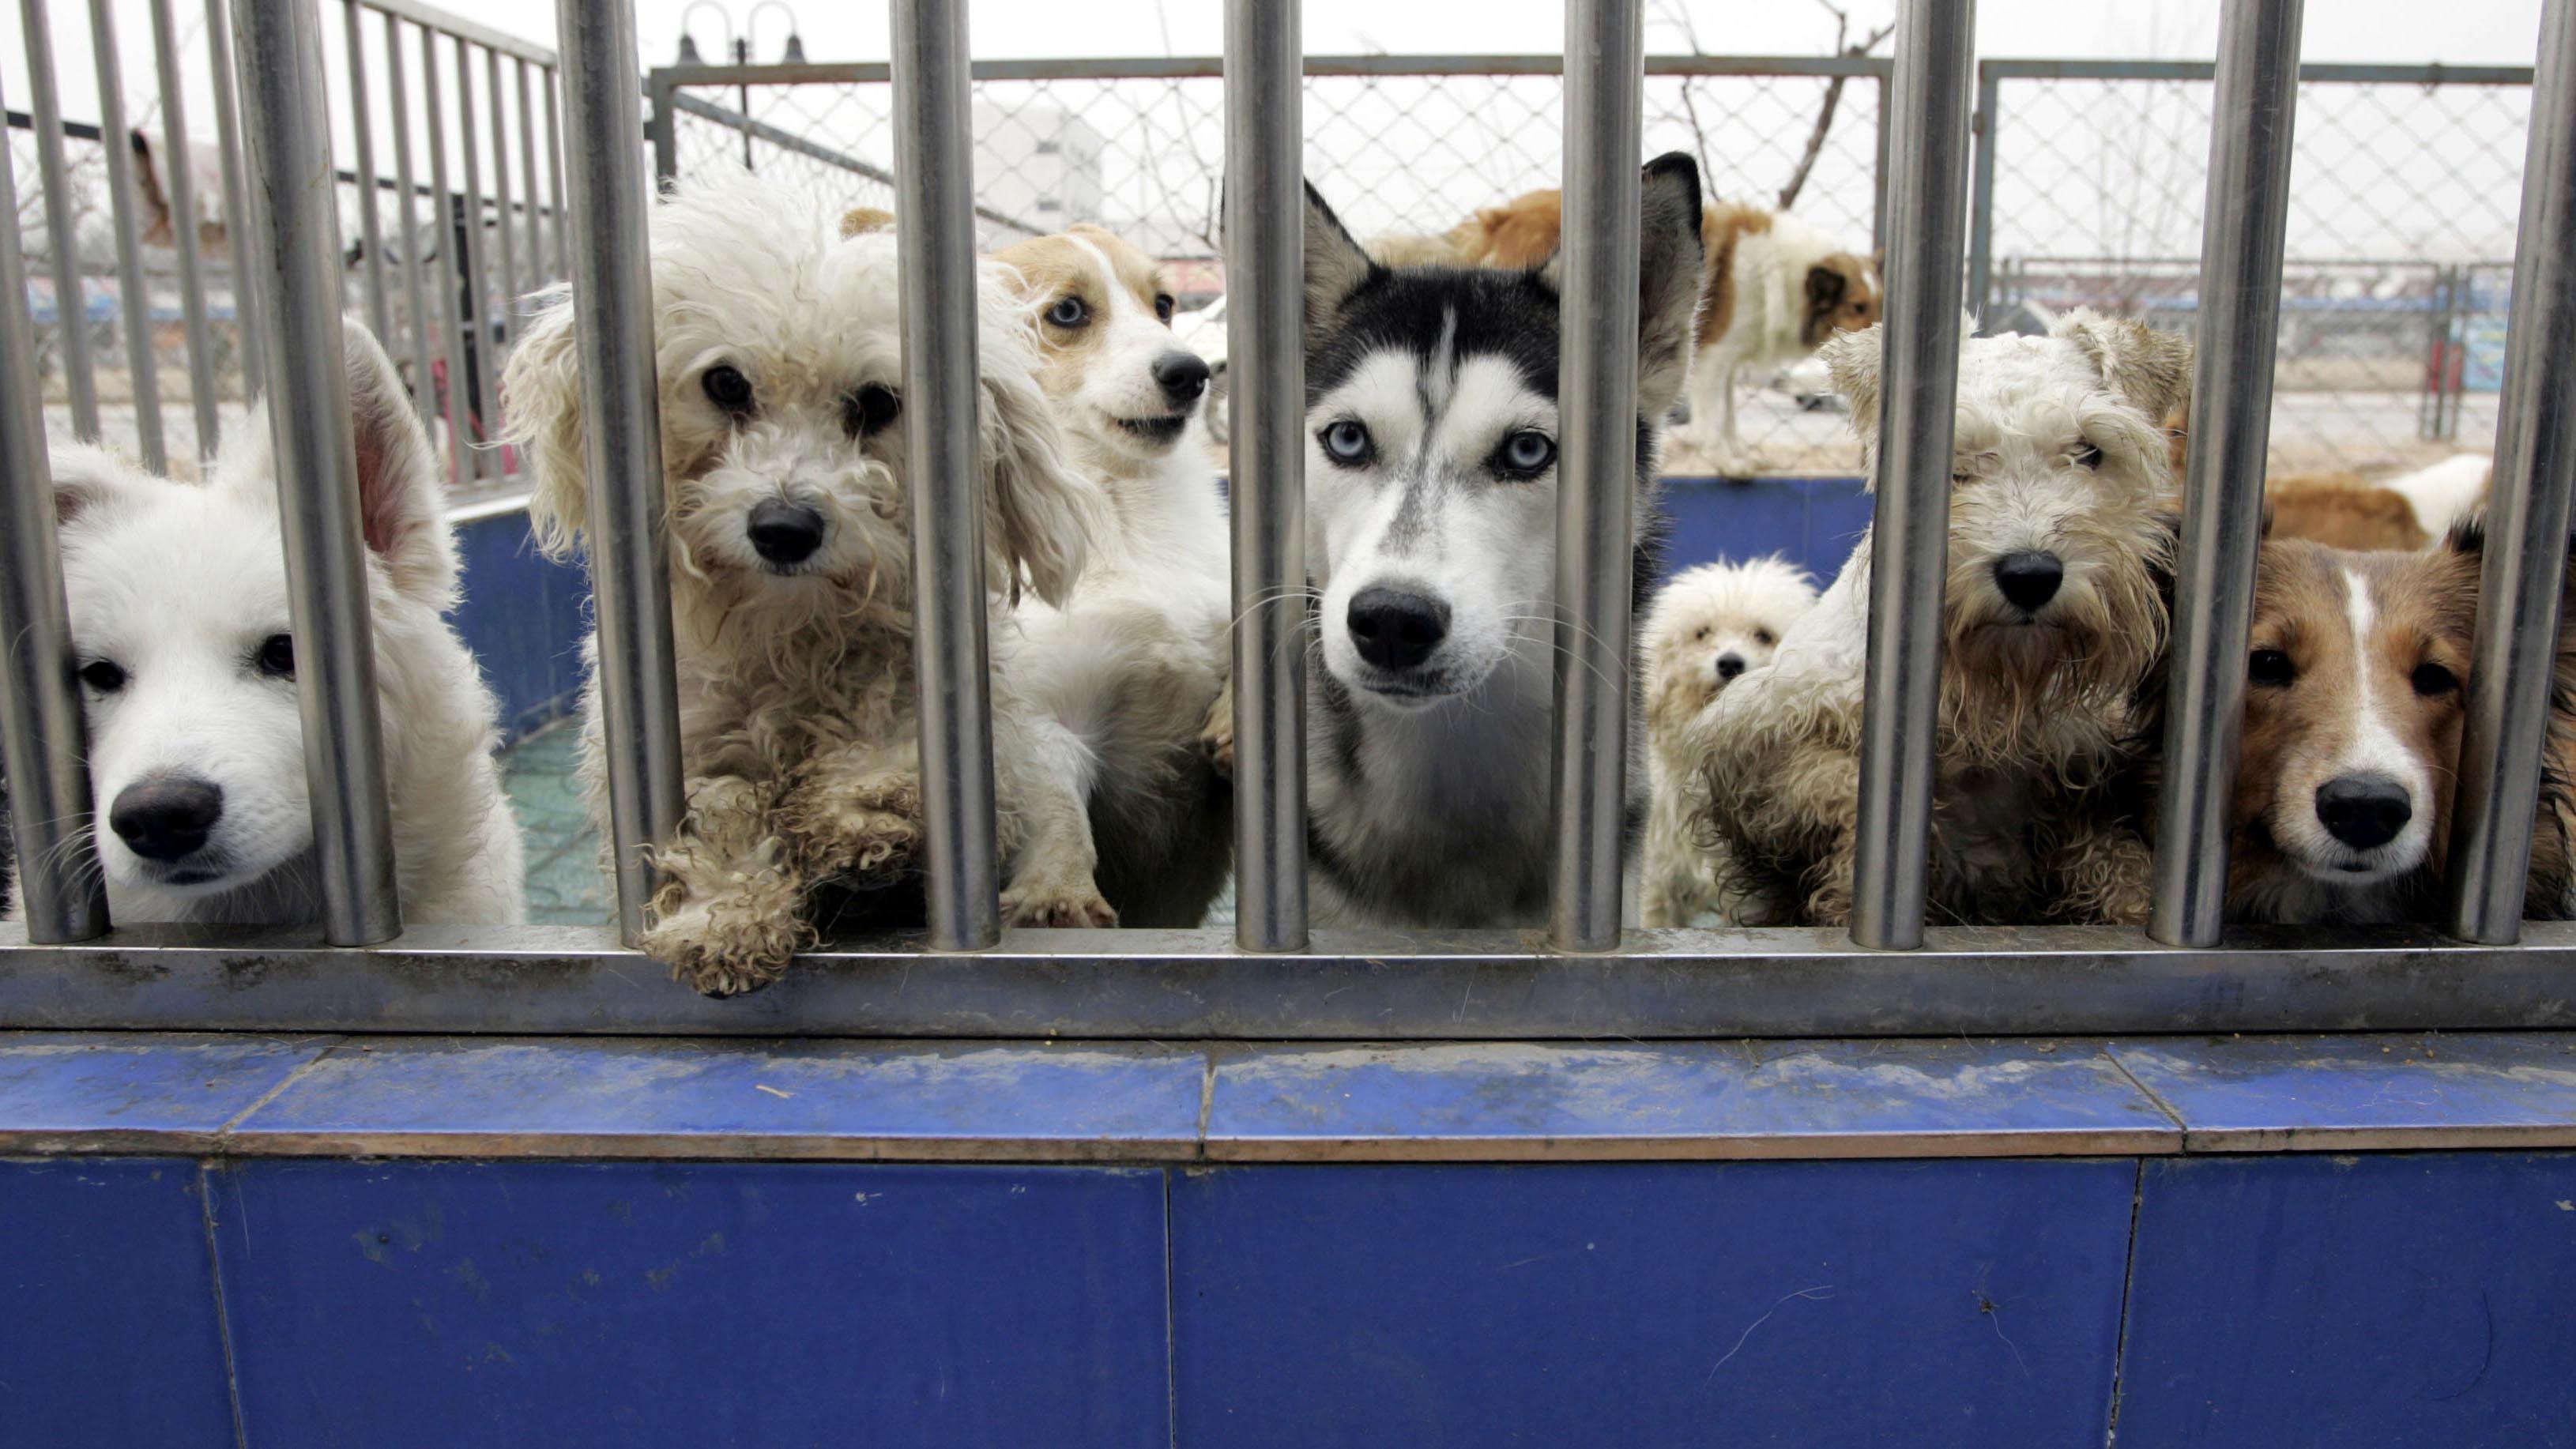 中国宠物繁殖行业的监管漏洞百出,动物福利未受重视。(路透社)